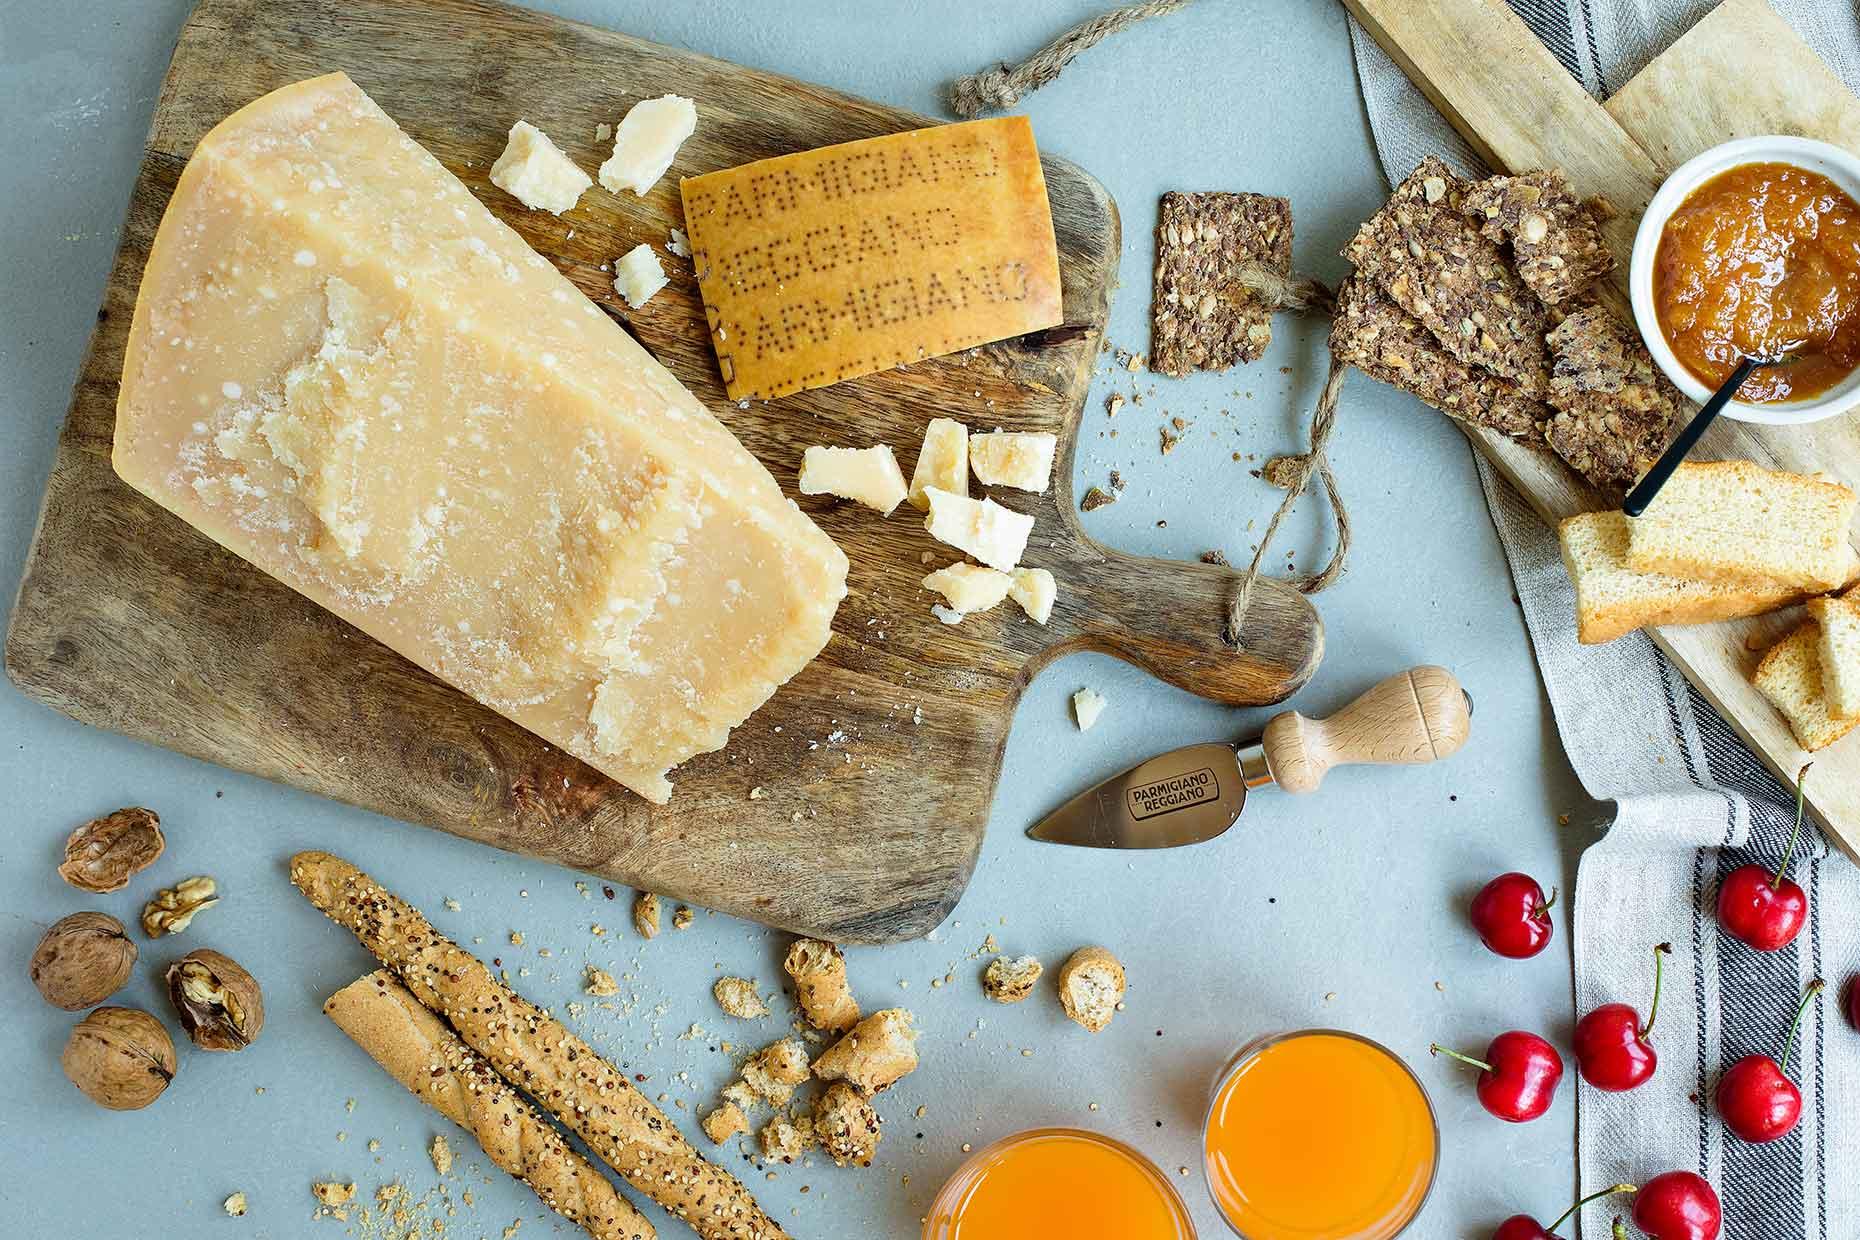 Mature Parmigiano Reggiano (Image: Courtesy of Consortium of Parmigiano Reggiano)